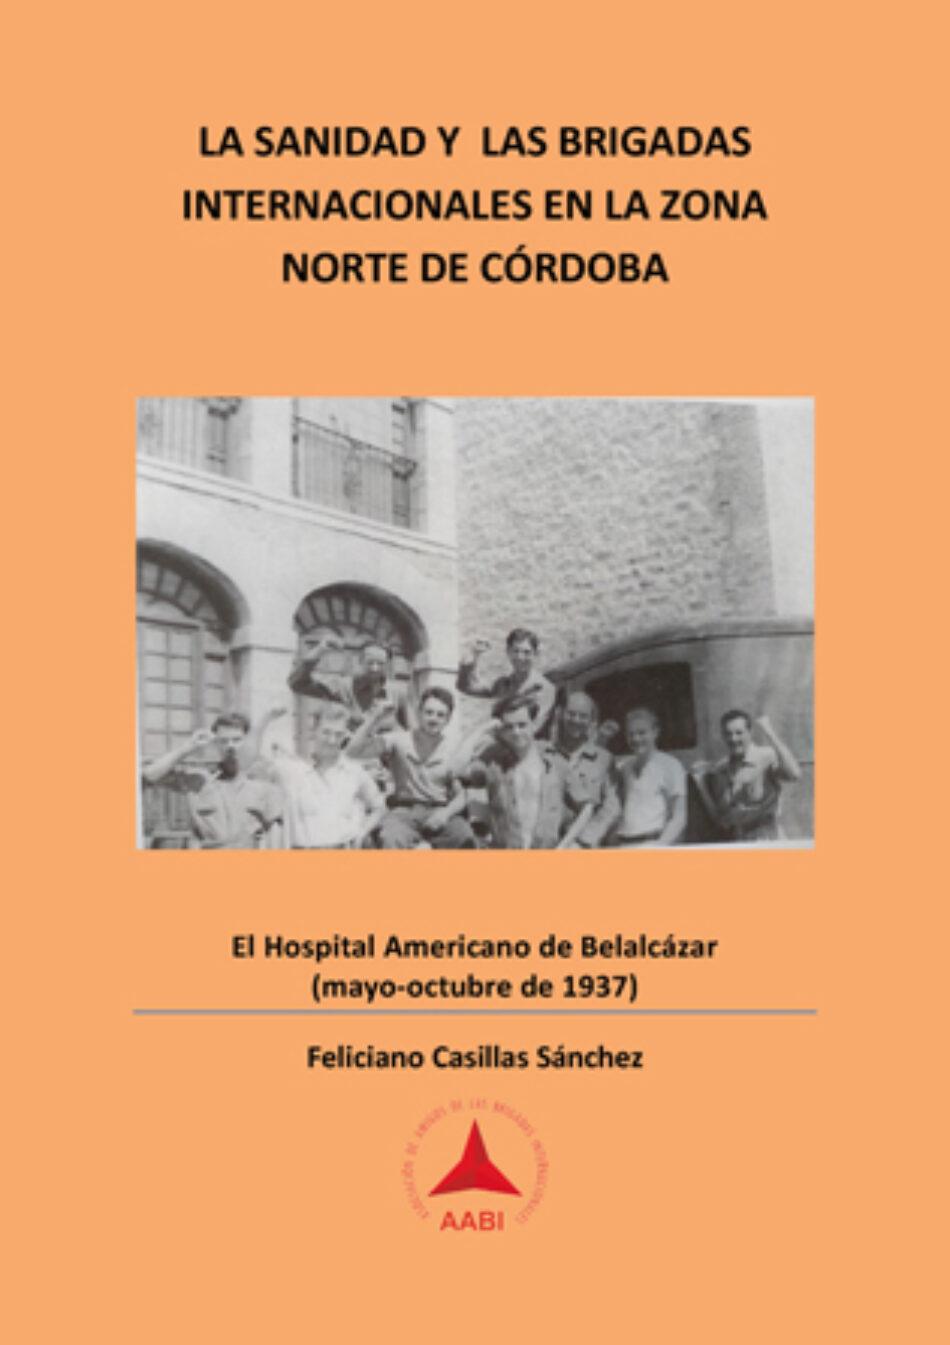 La sanidad con las Brigadas Internacionales en la zona norte de Córdoba